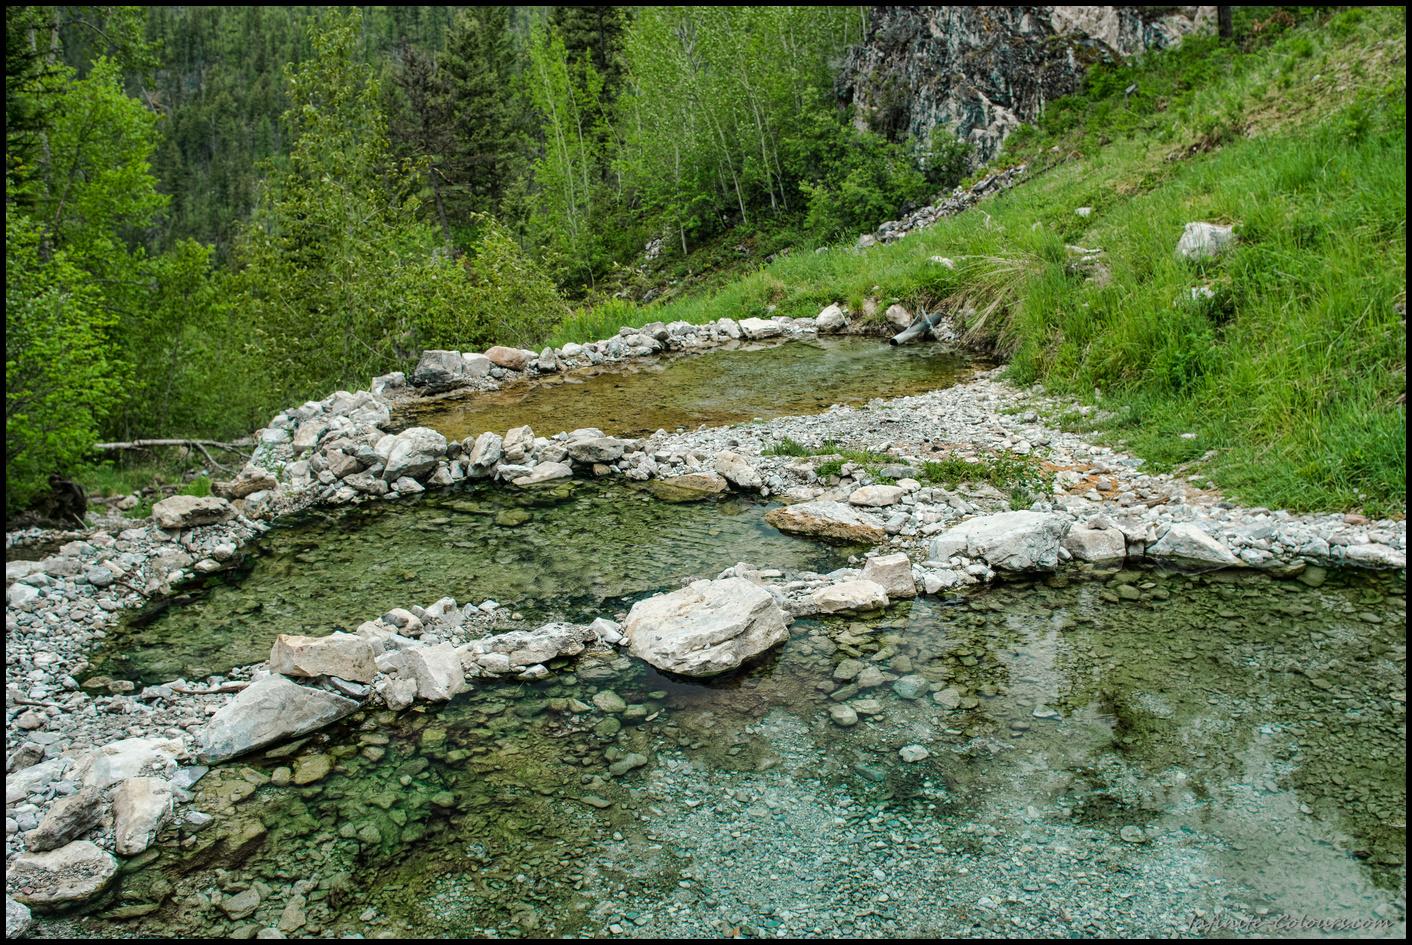 Ram Creek warm Springs pools